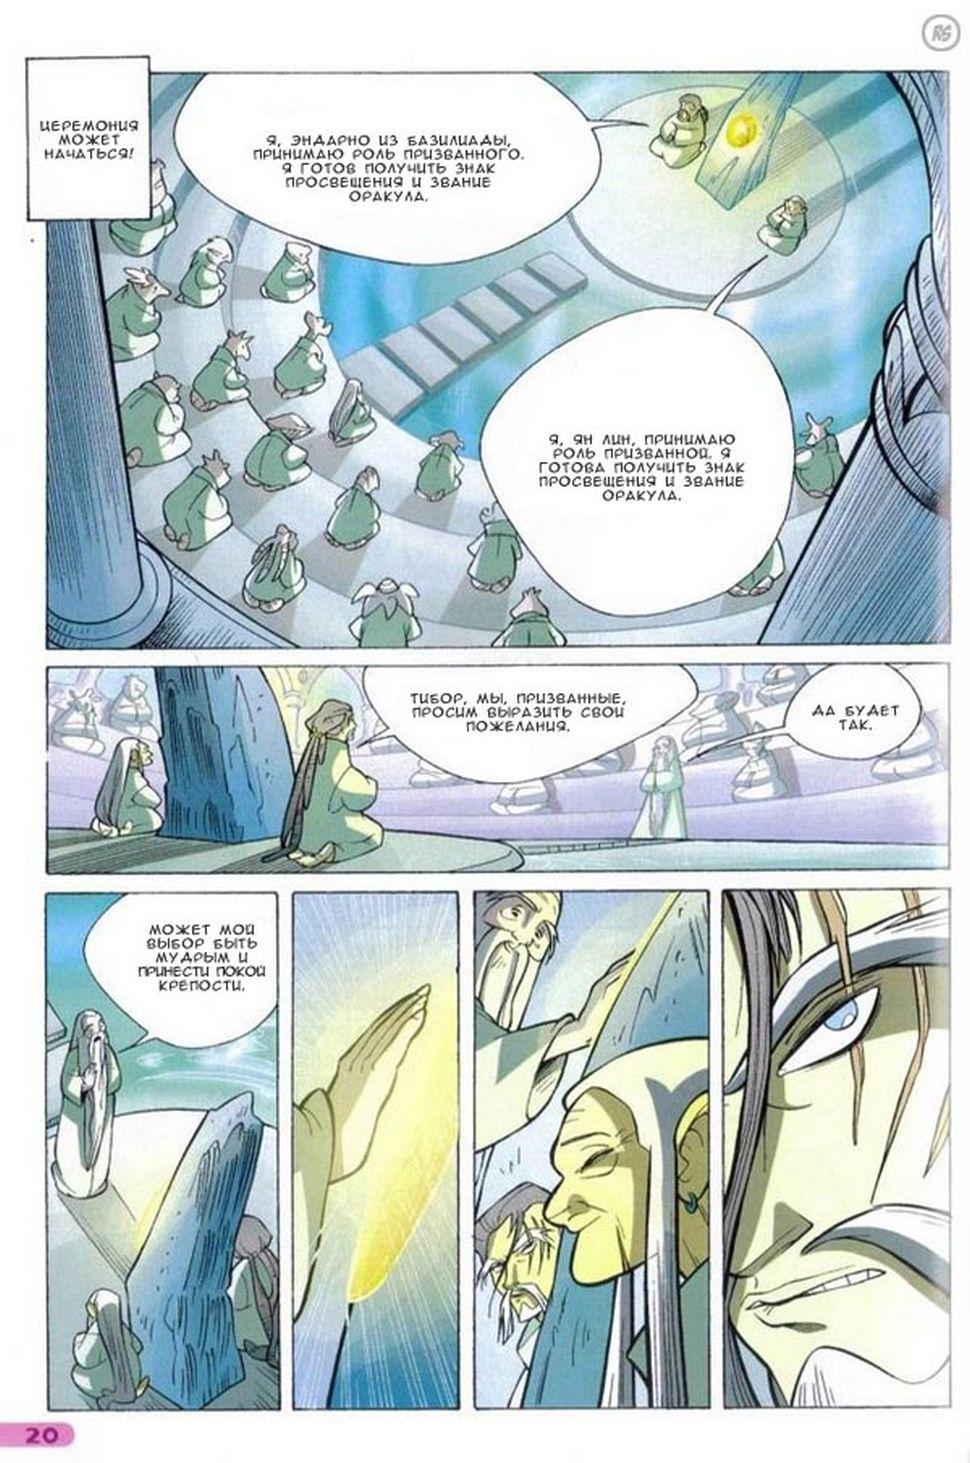 WITСH.Чародейки - Заветное желание. 4 сезон 38 серия